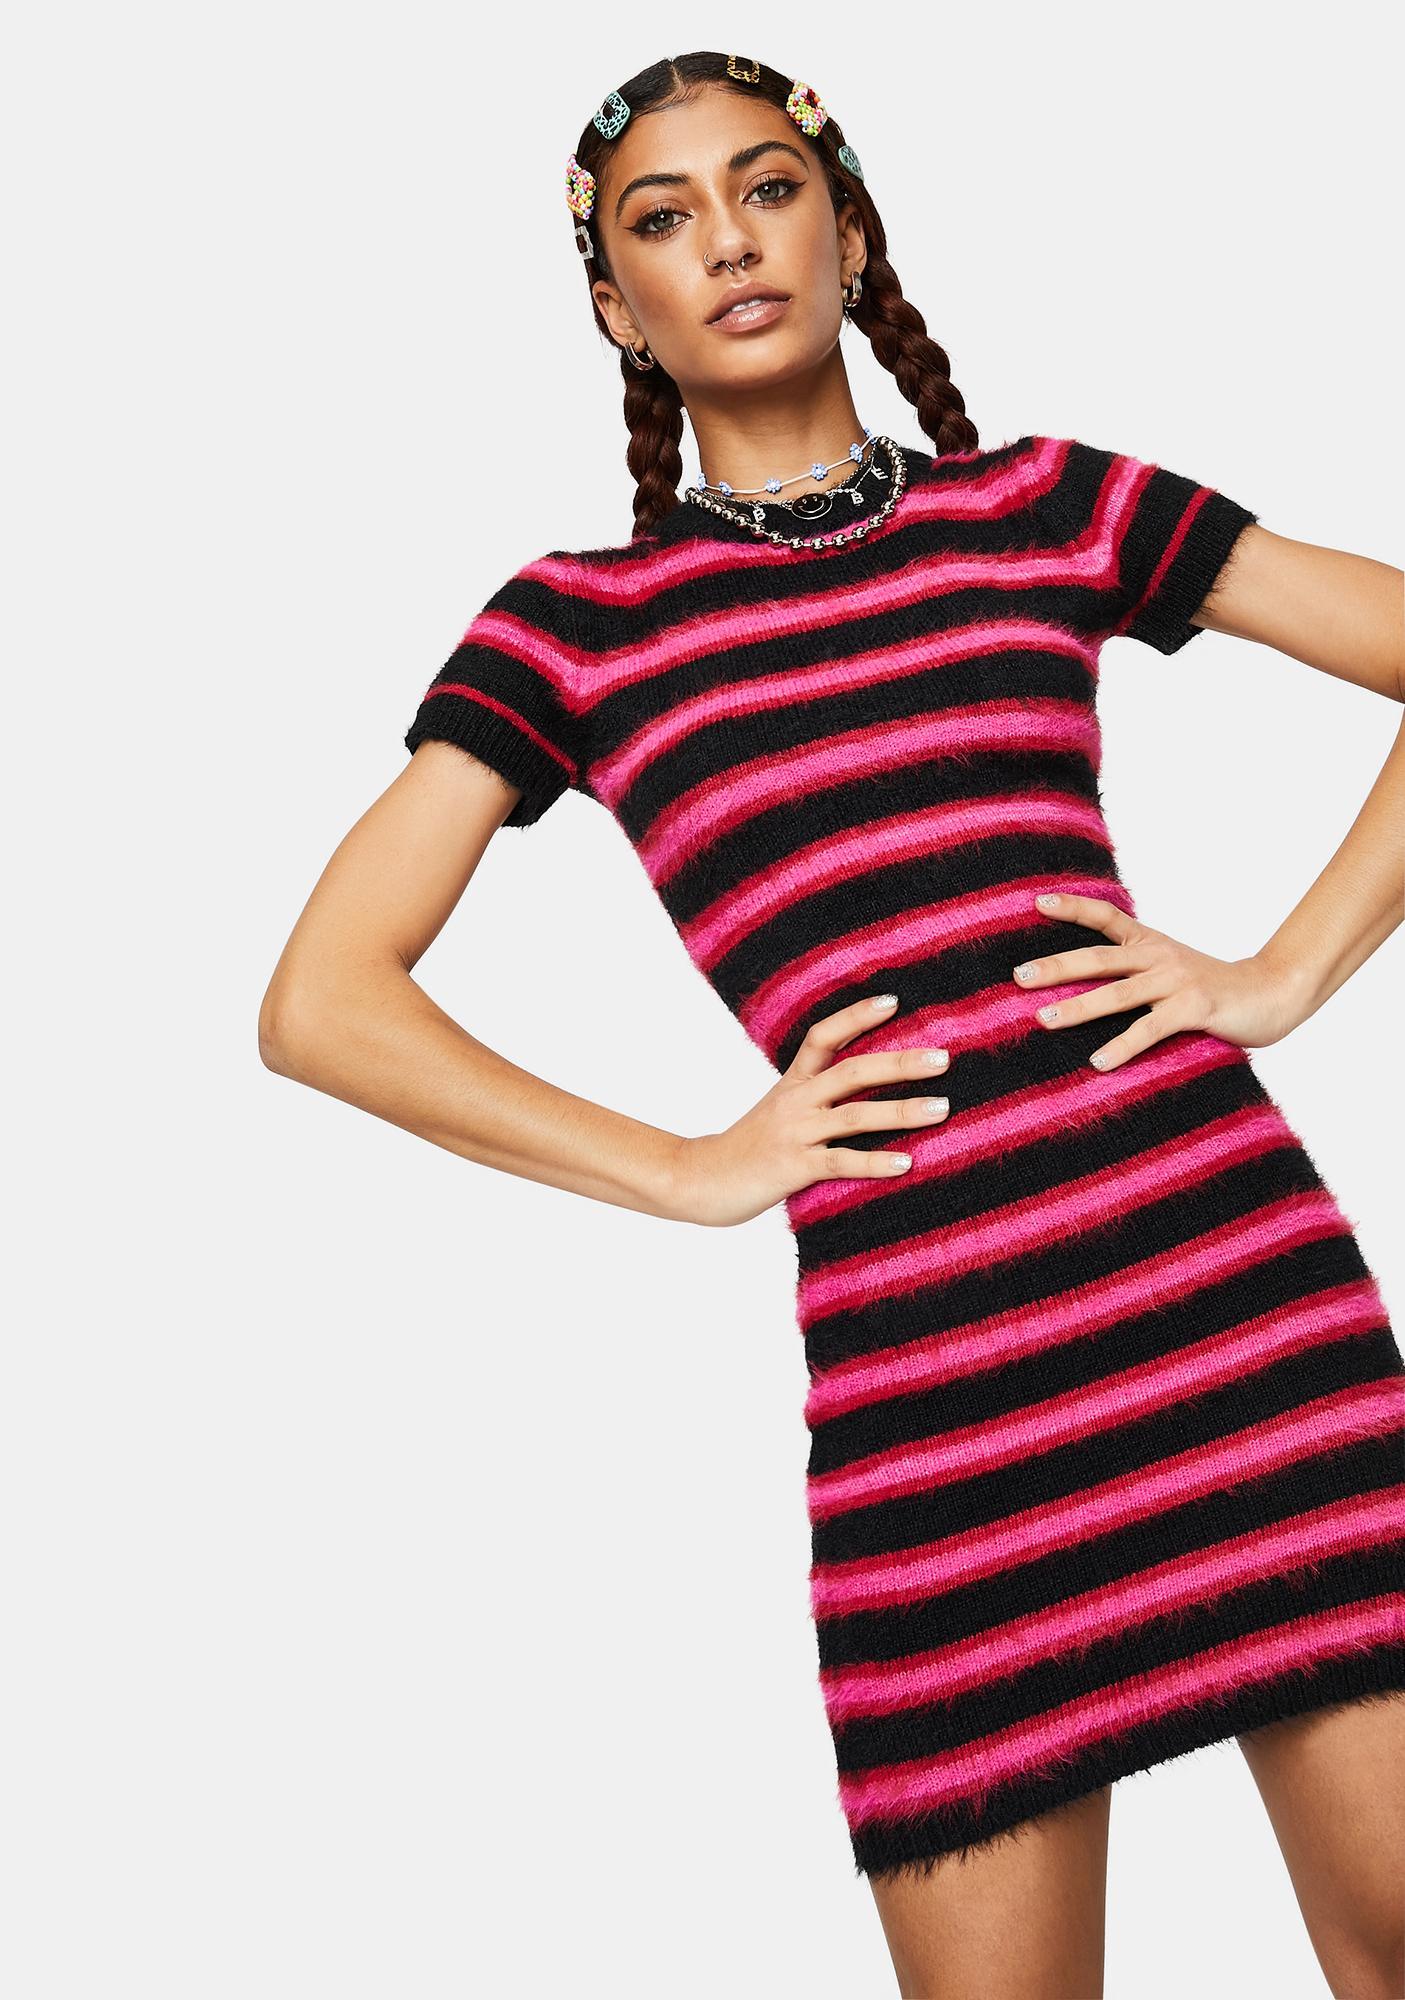 The Ragged Priest Culprit Fuzzy Striped Mini Dress